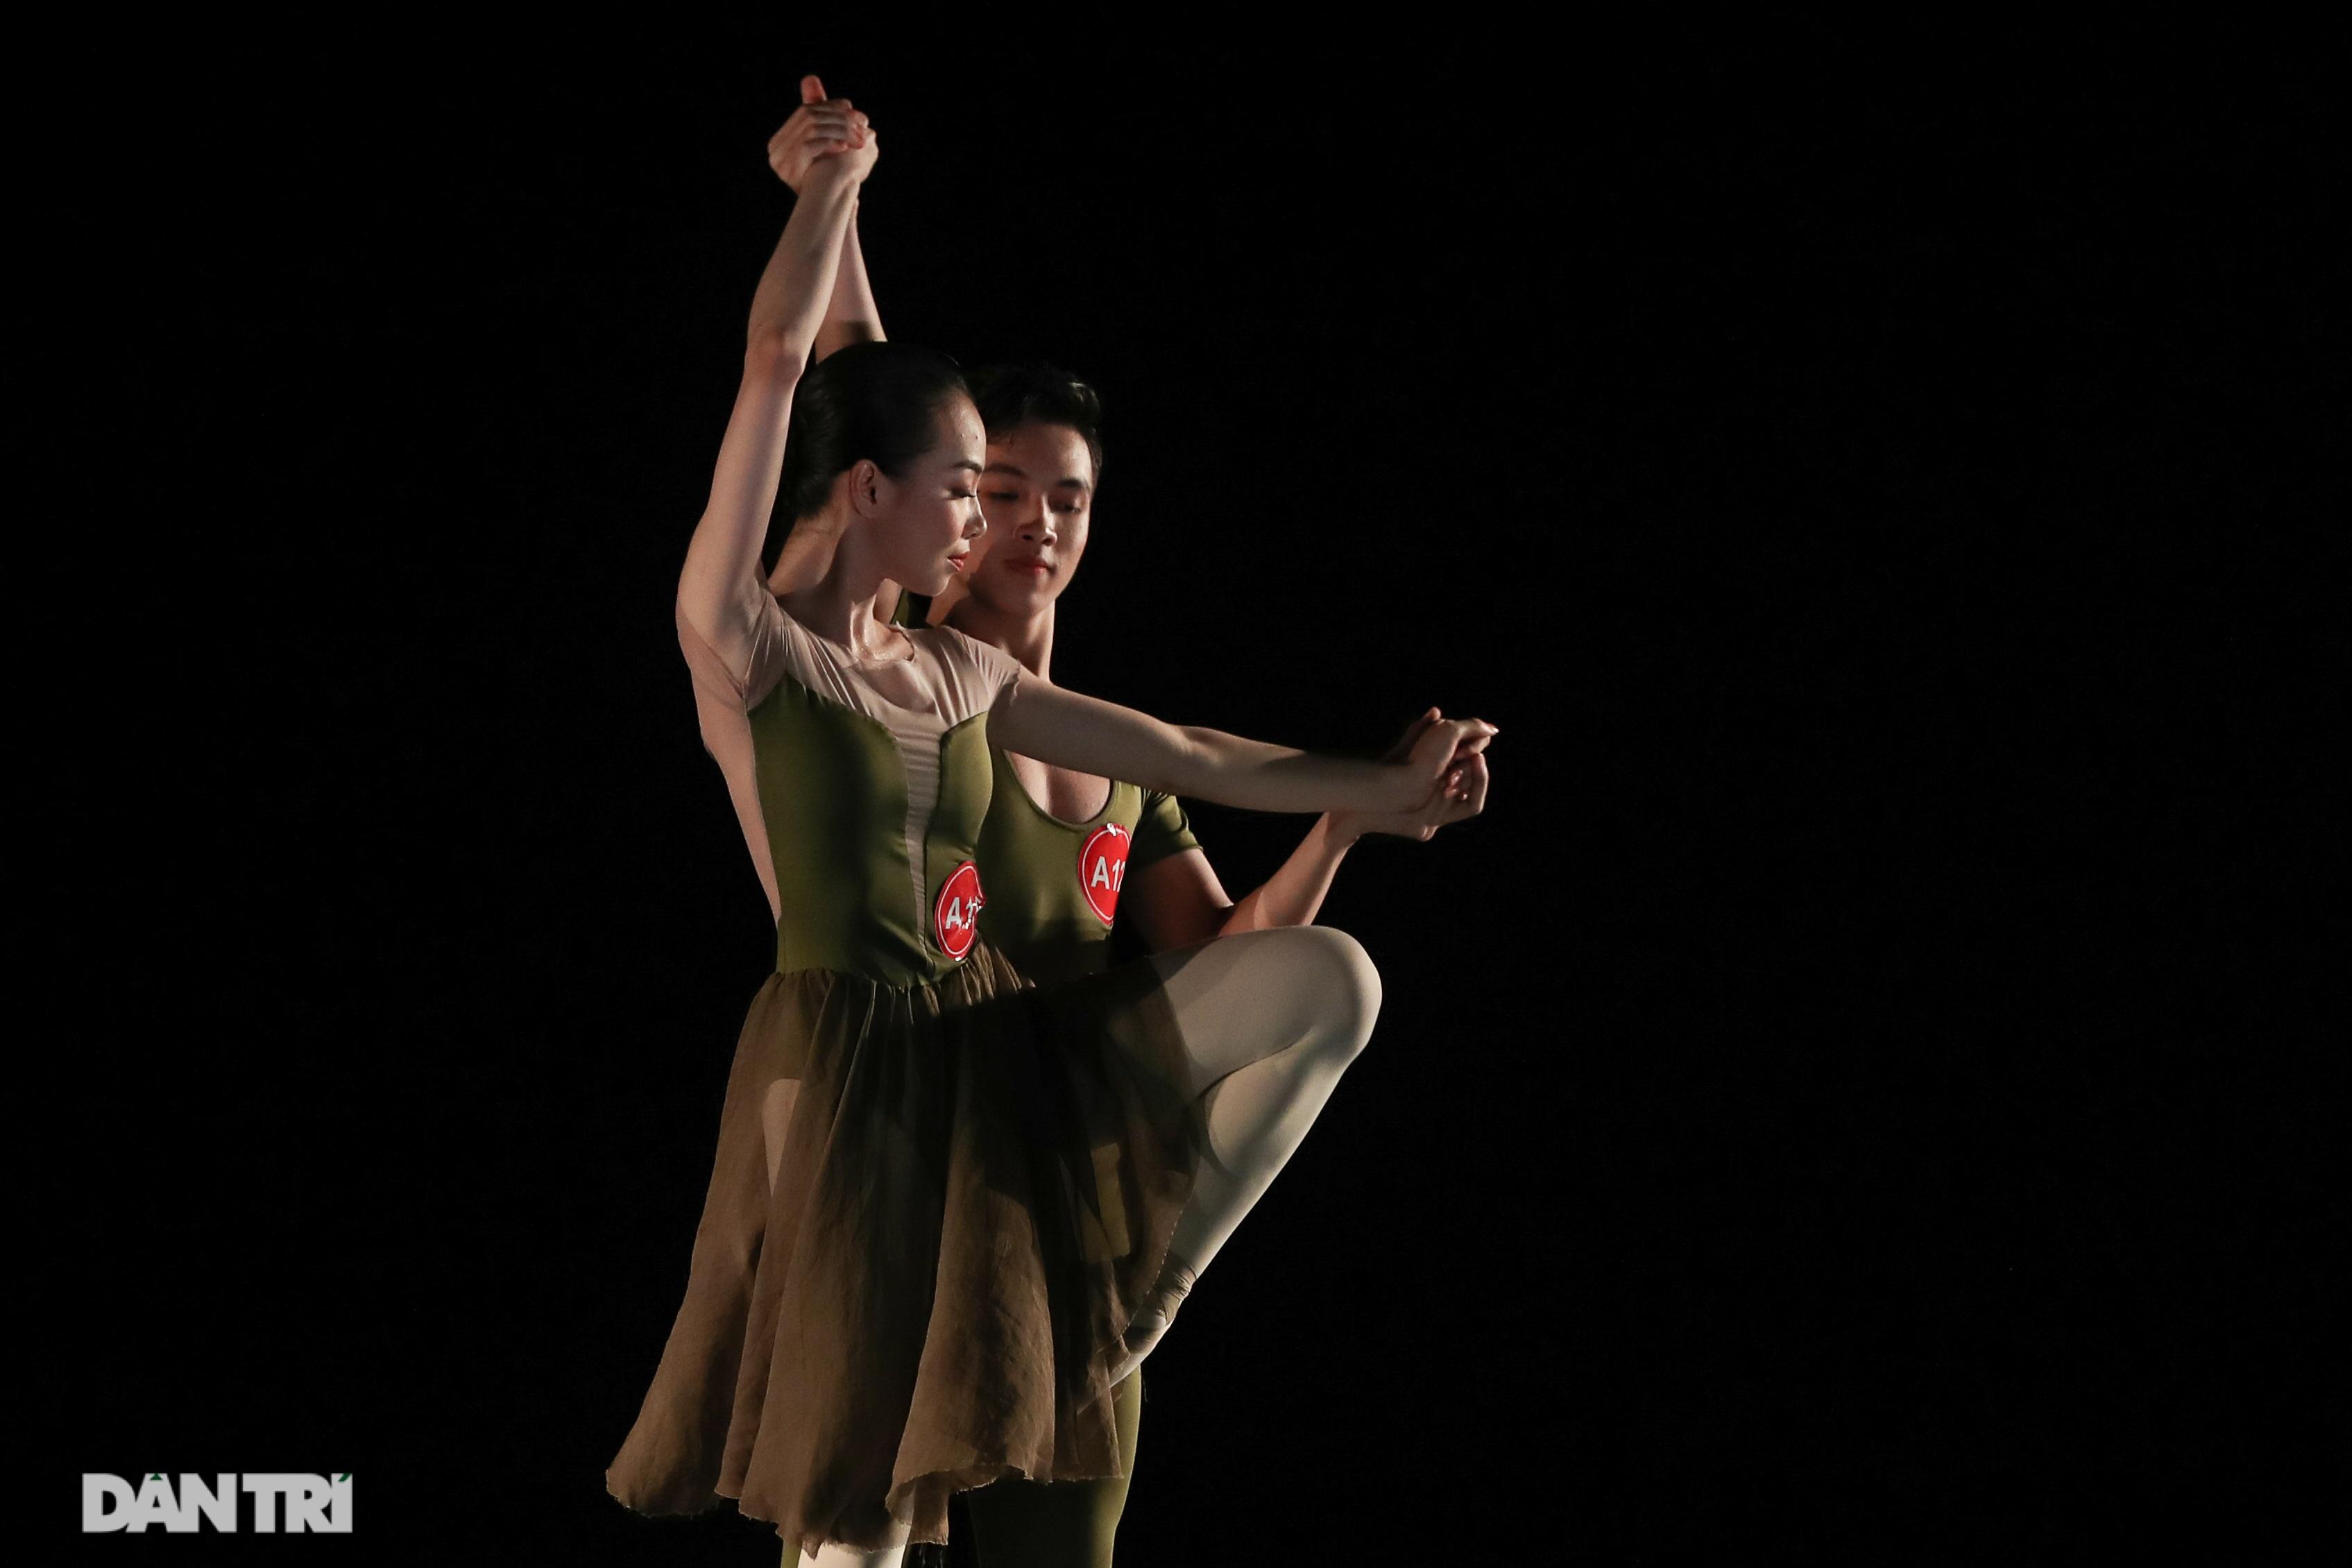 Khoảnh khắc mê hồn tại cuộc thi Tài năng biểu diễn múa - 27